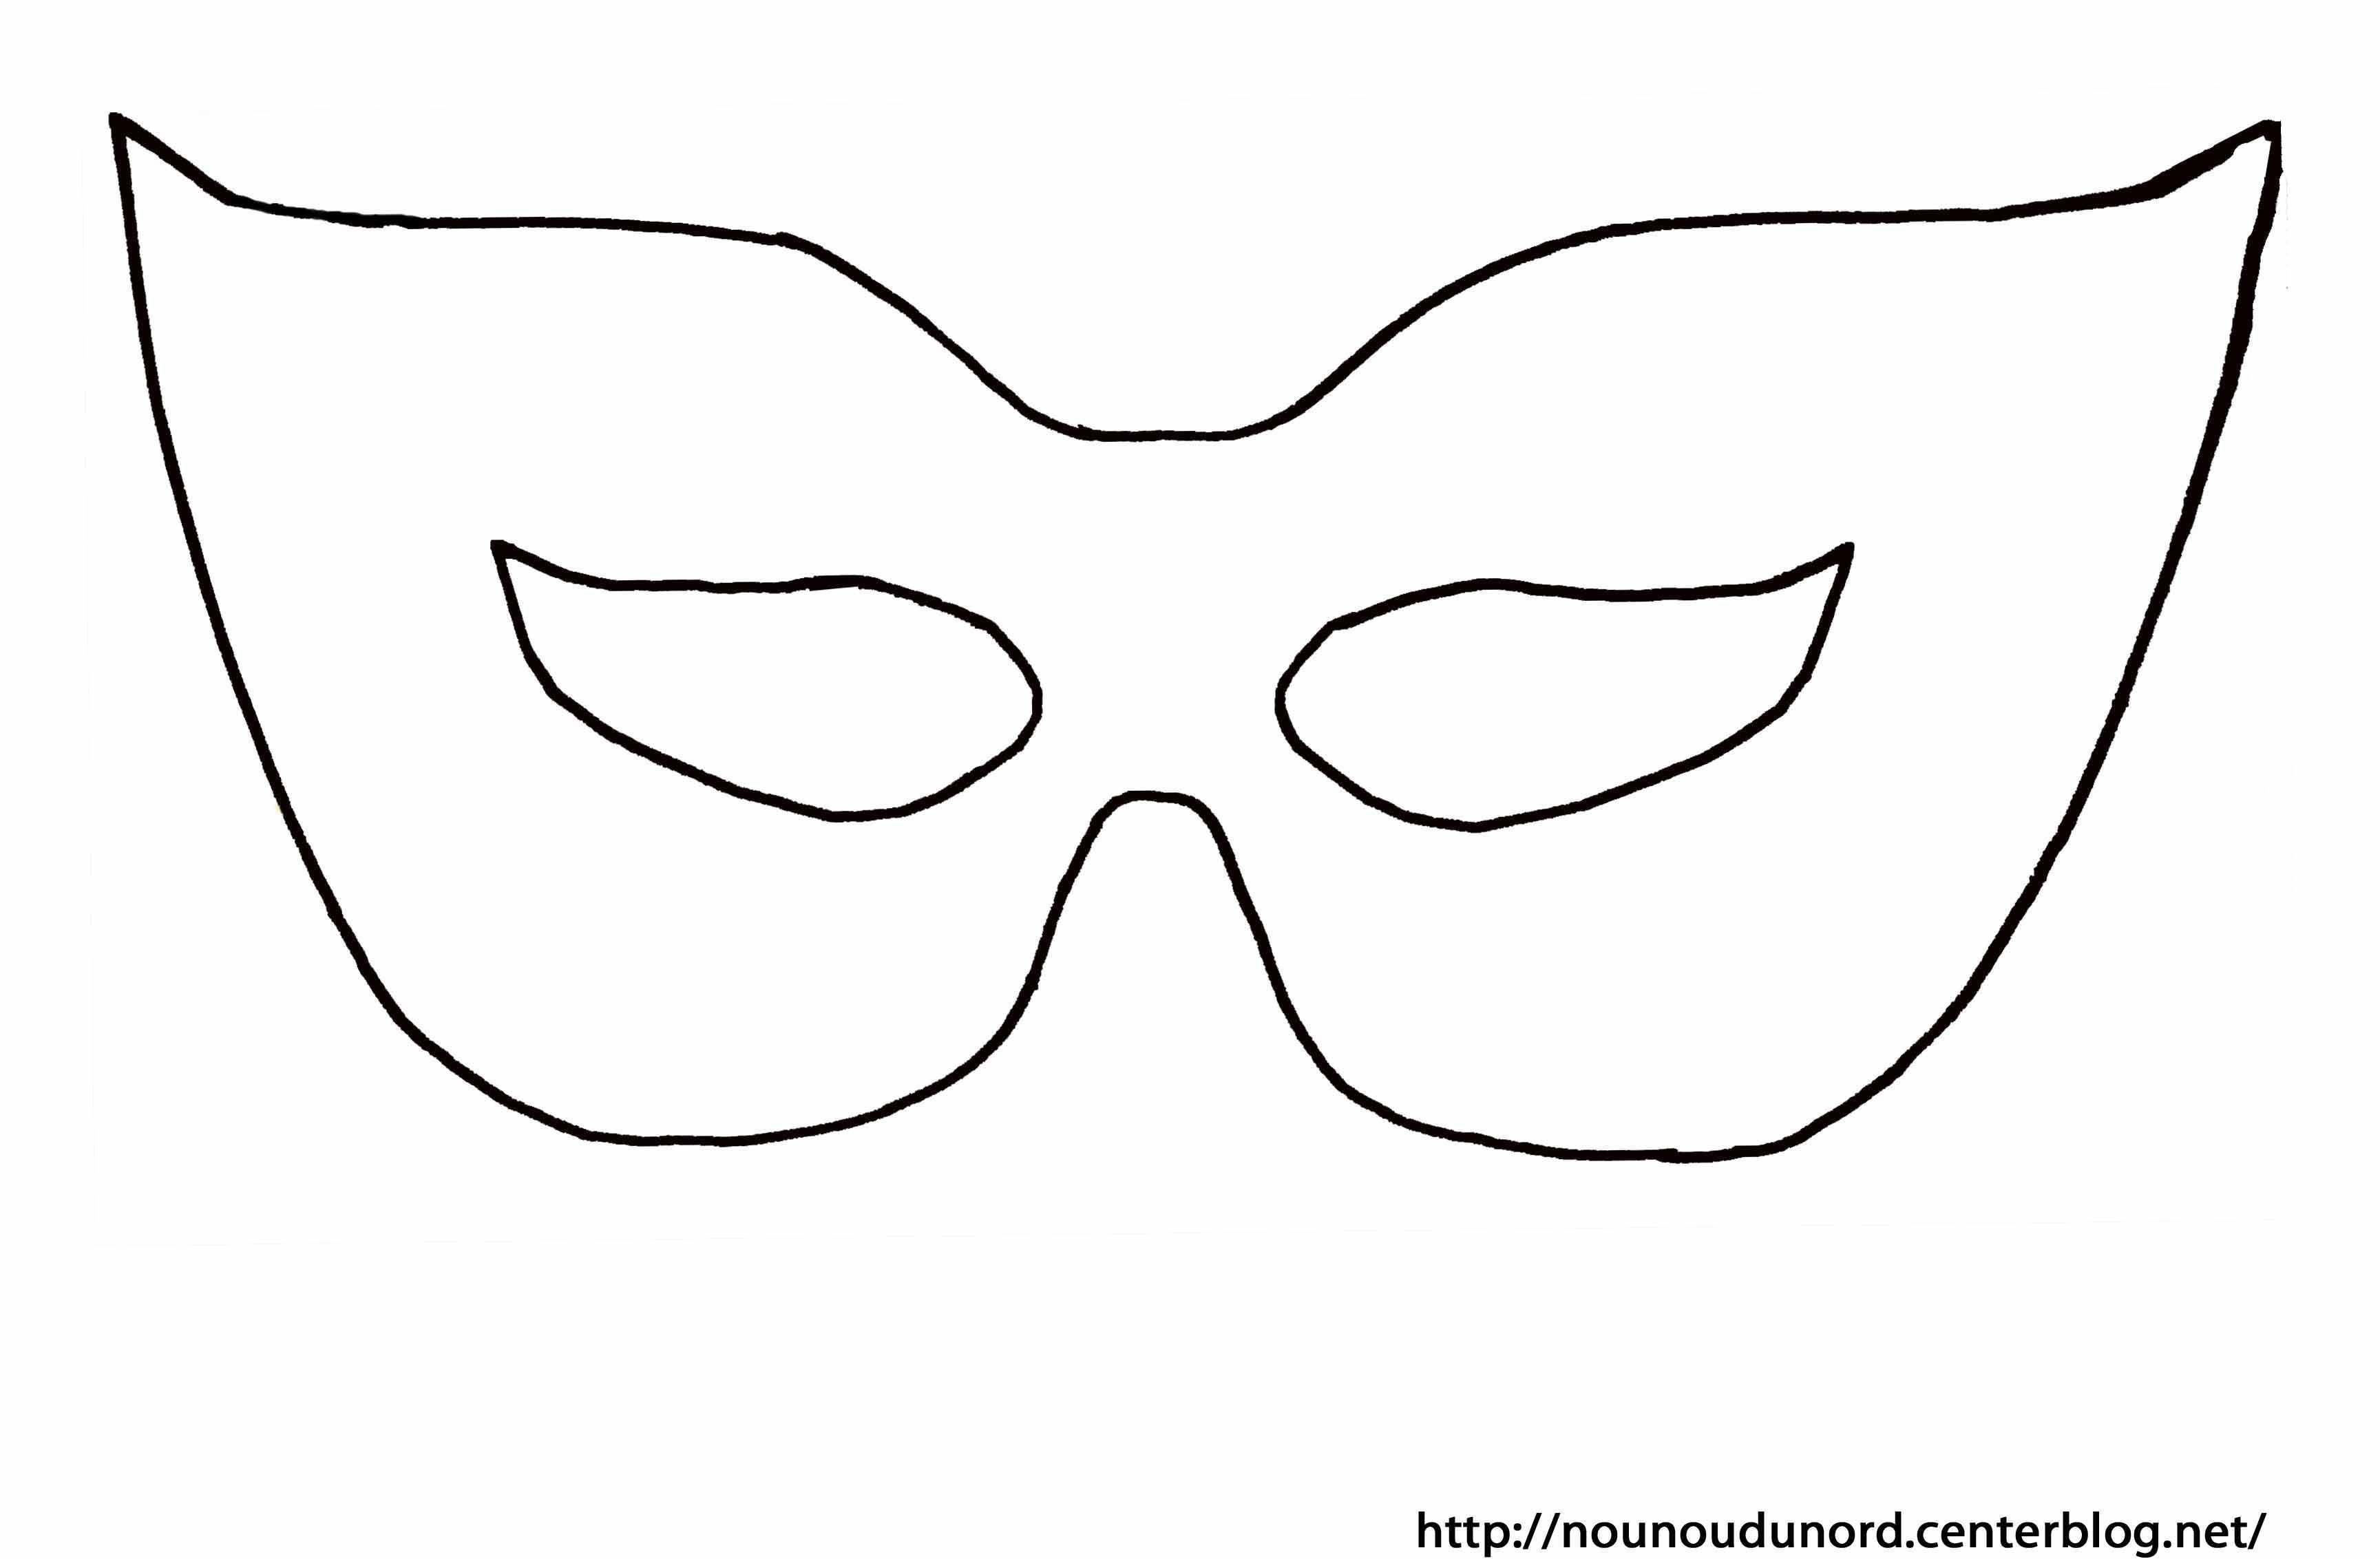 Masque Loup Mundu Fr Masque Loup Colorier Coloriage Carnaval Imprimer Du Activite Dessin Masques Nounoudunord Centerblog Venitien Sur B In 2020 Masque Bricolage Blog